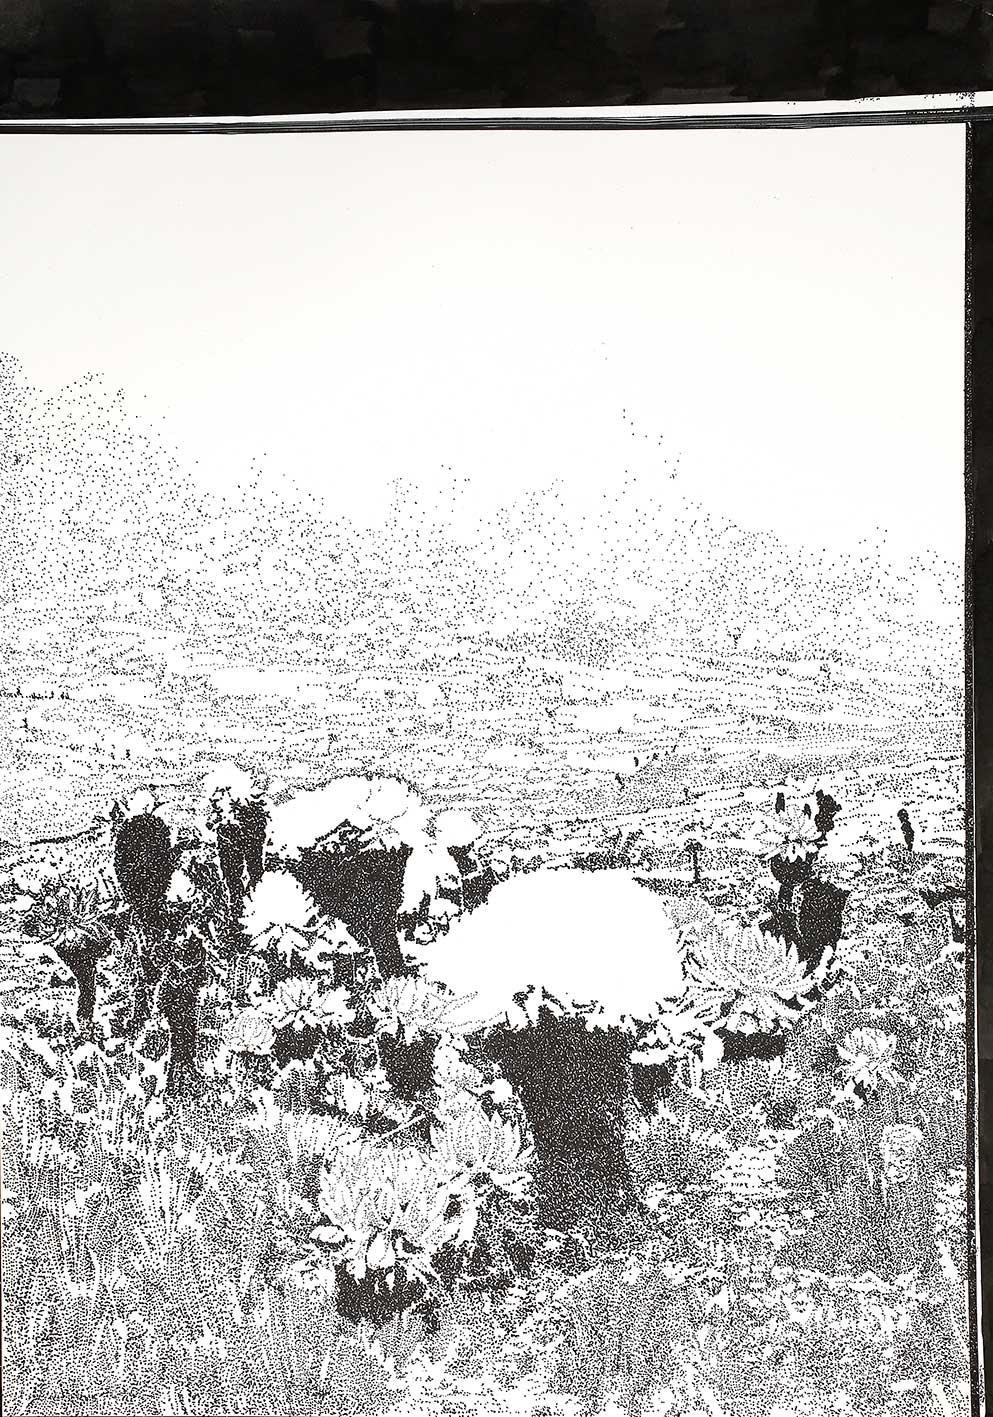 ohne Titel Tusche auf Papier 42 x 30 cm courtesy Galerie Krinzinger (Foto Jasha Greenberg)